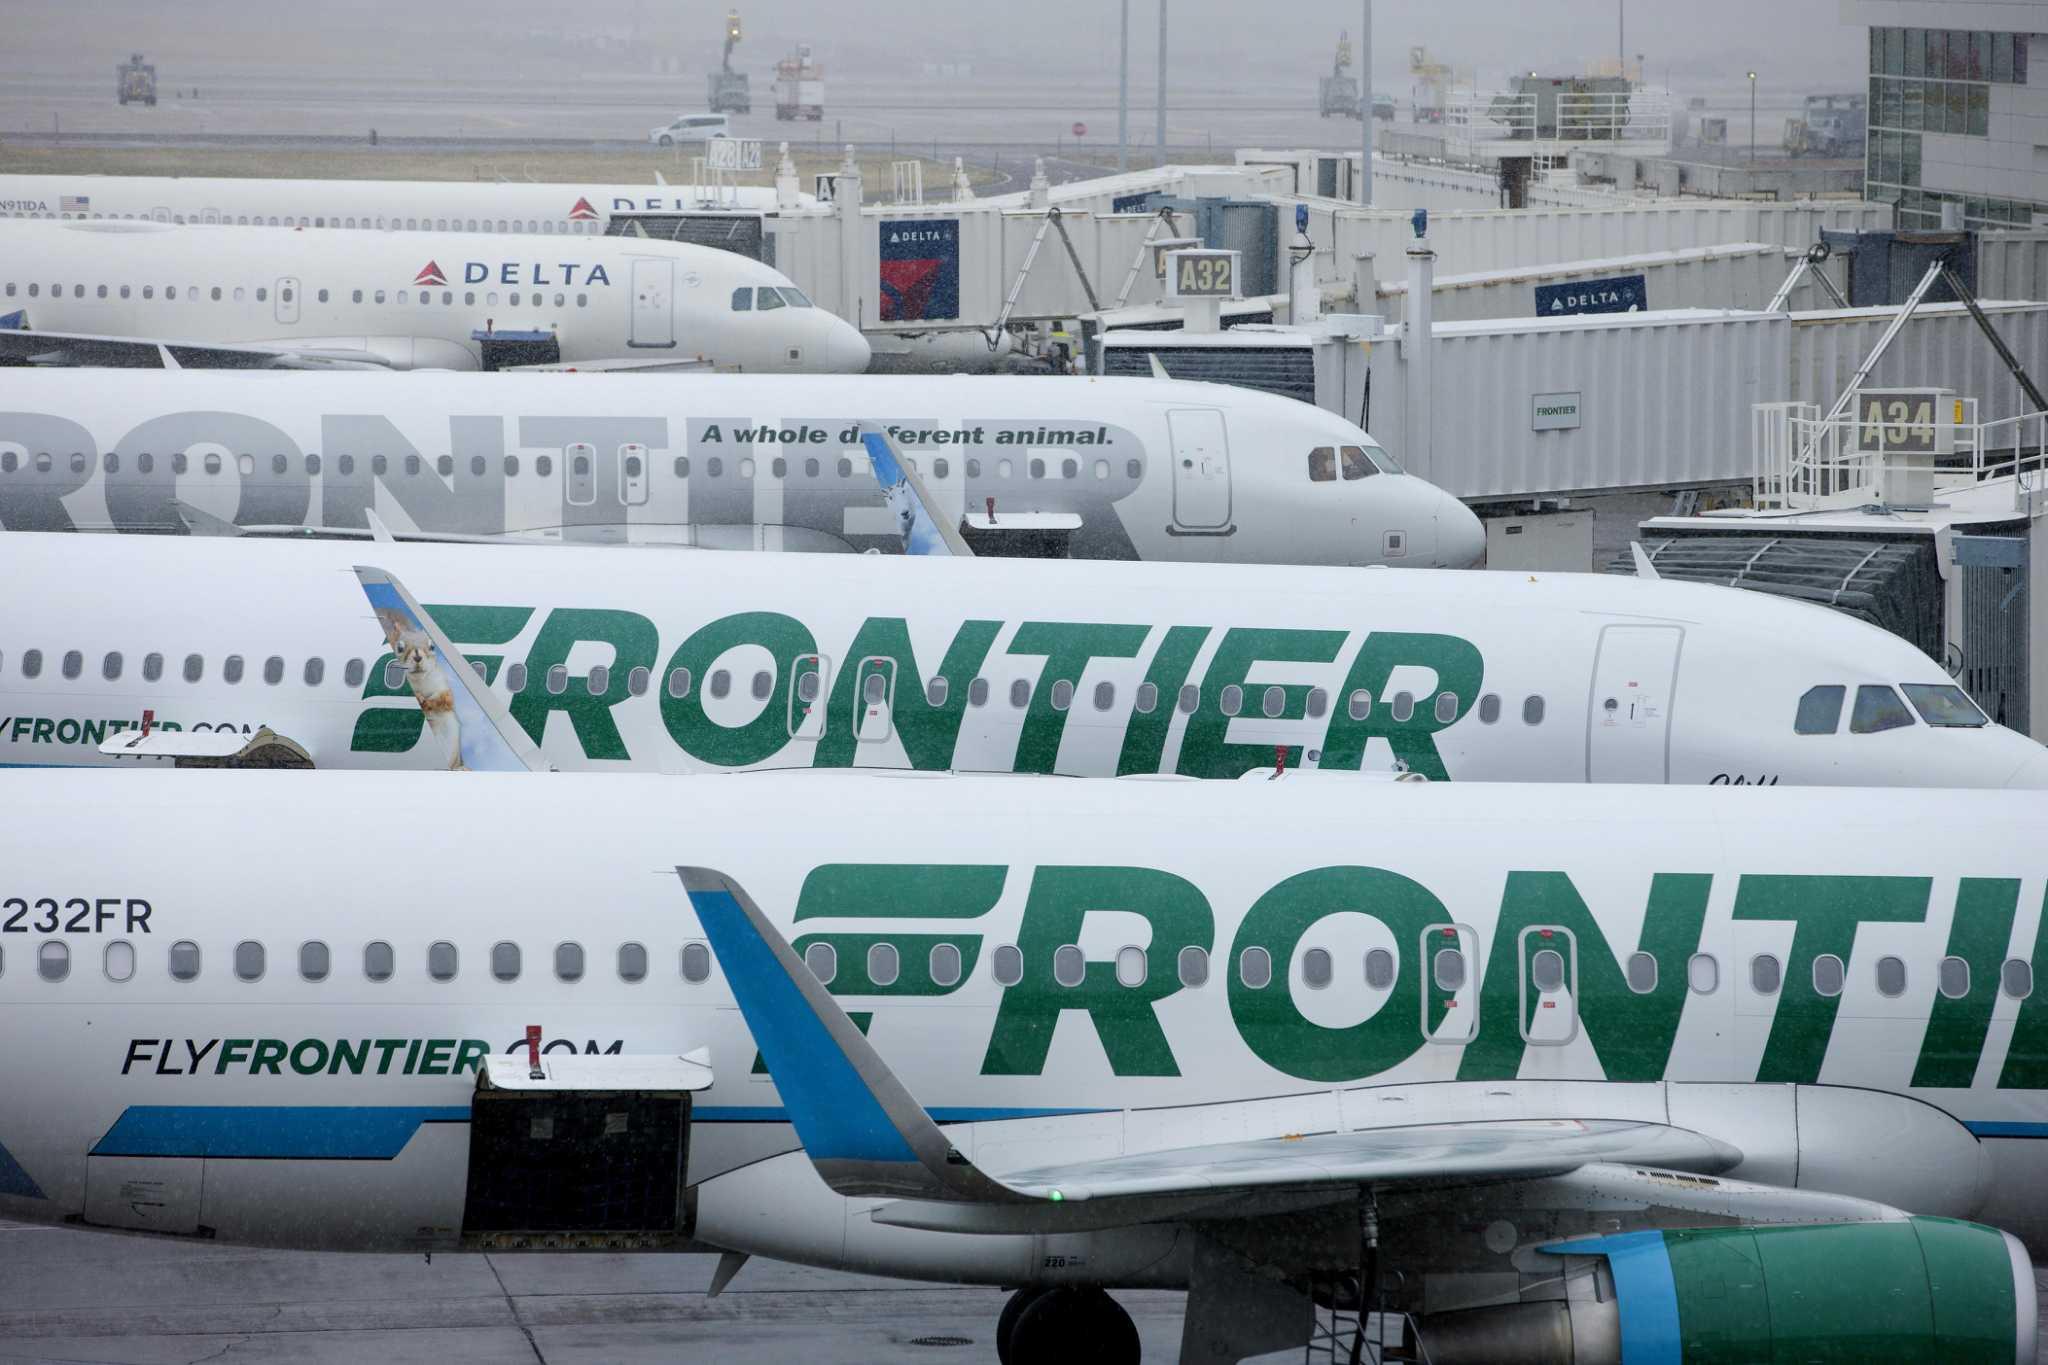 Frontier Airlines Adds 6 Nonstop Flights From San Antonio